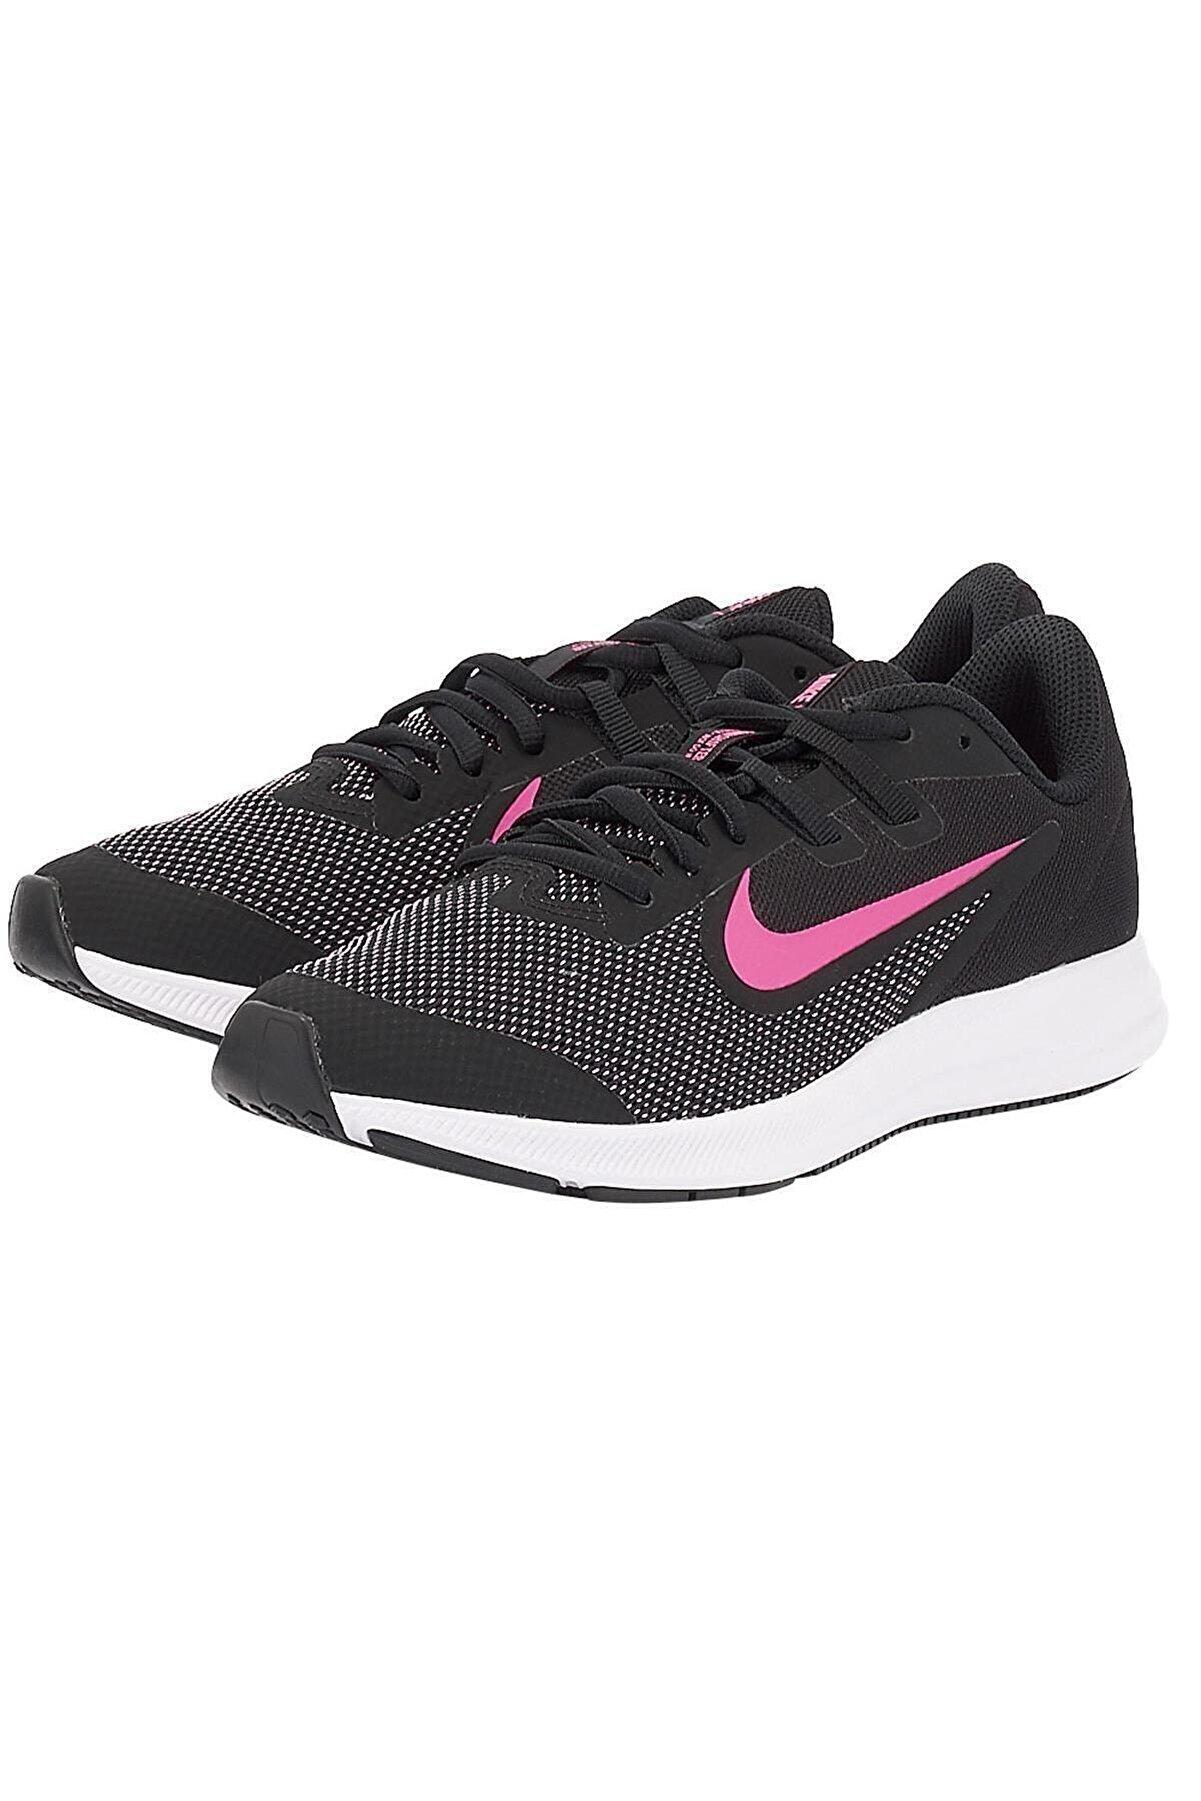 Nike Nıke Ar4135-003 Downshıfter Kadın Spor